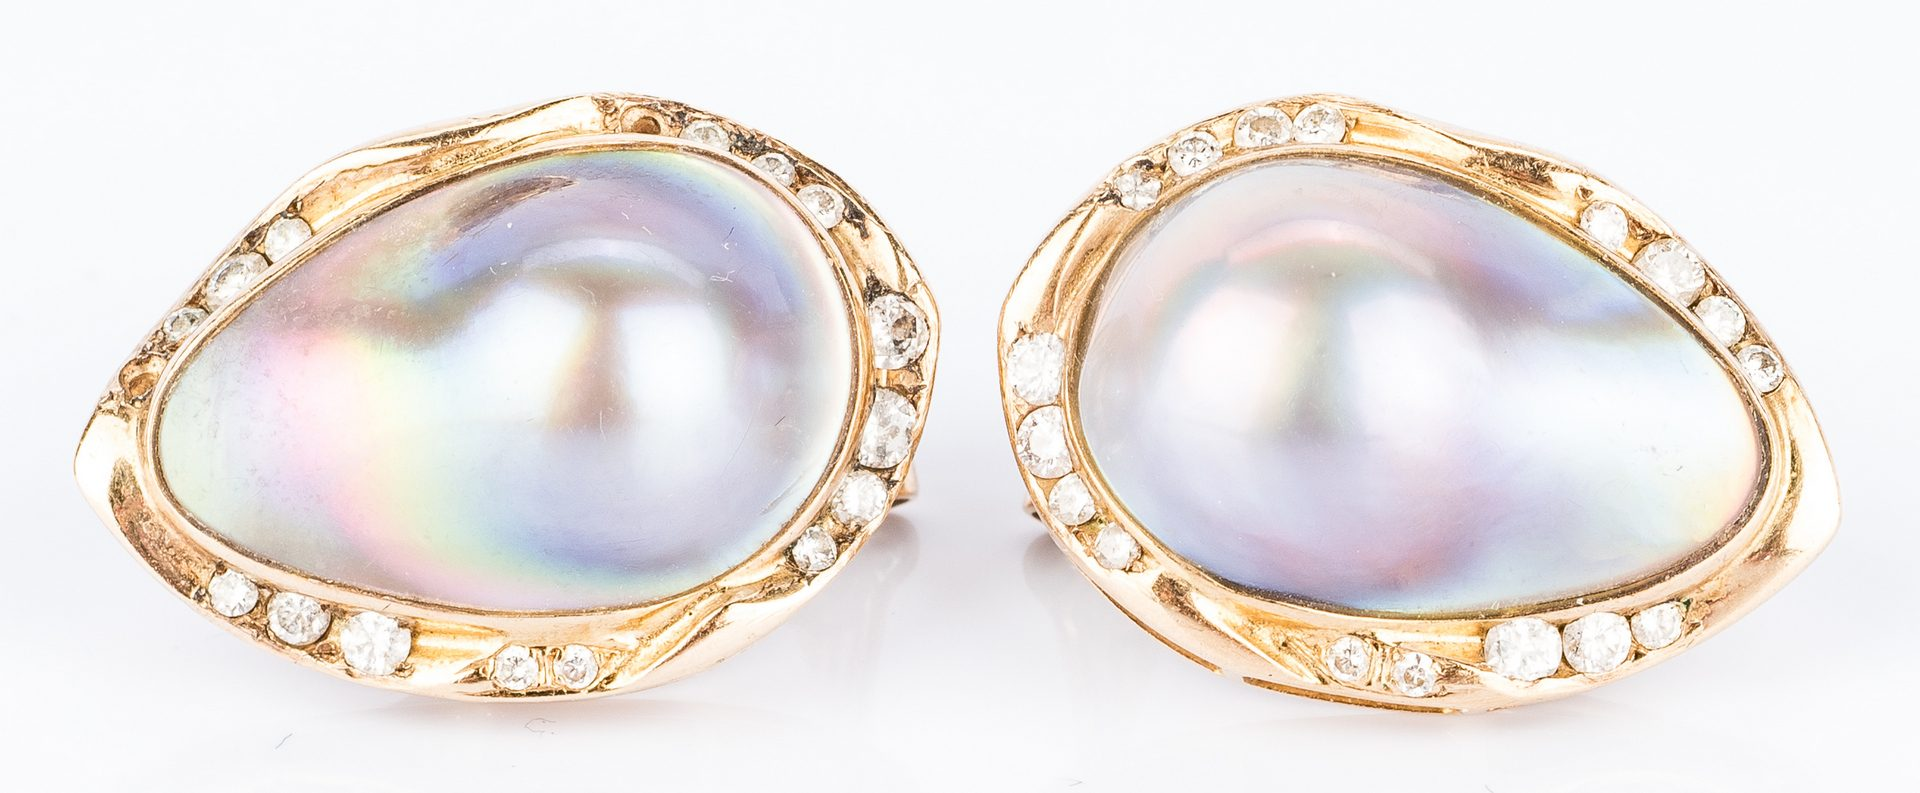 Lot 143: 2 Pair Earrings, incl. Doris Panos 18K